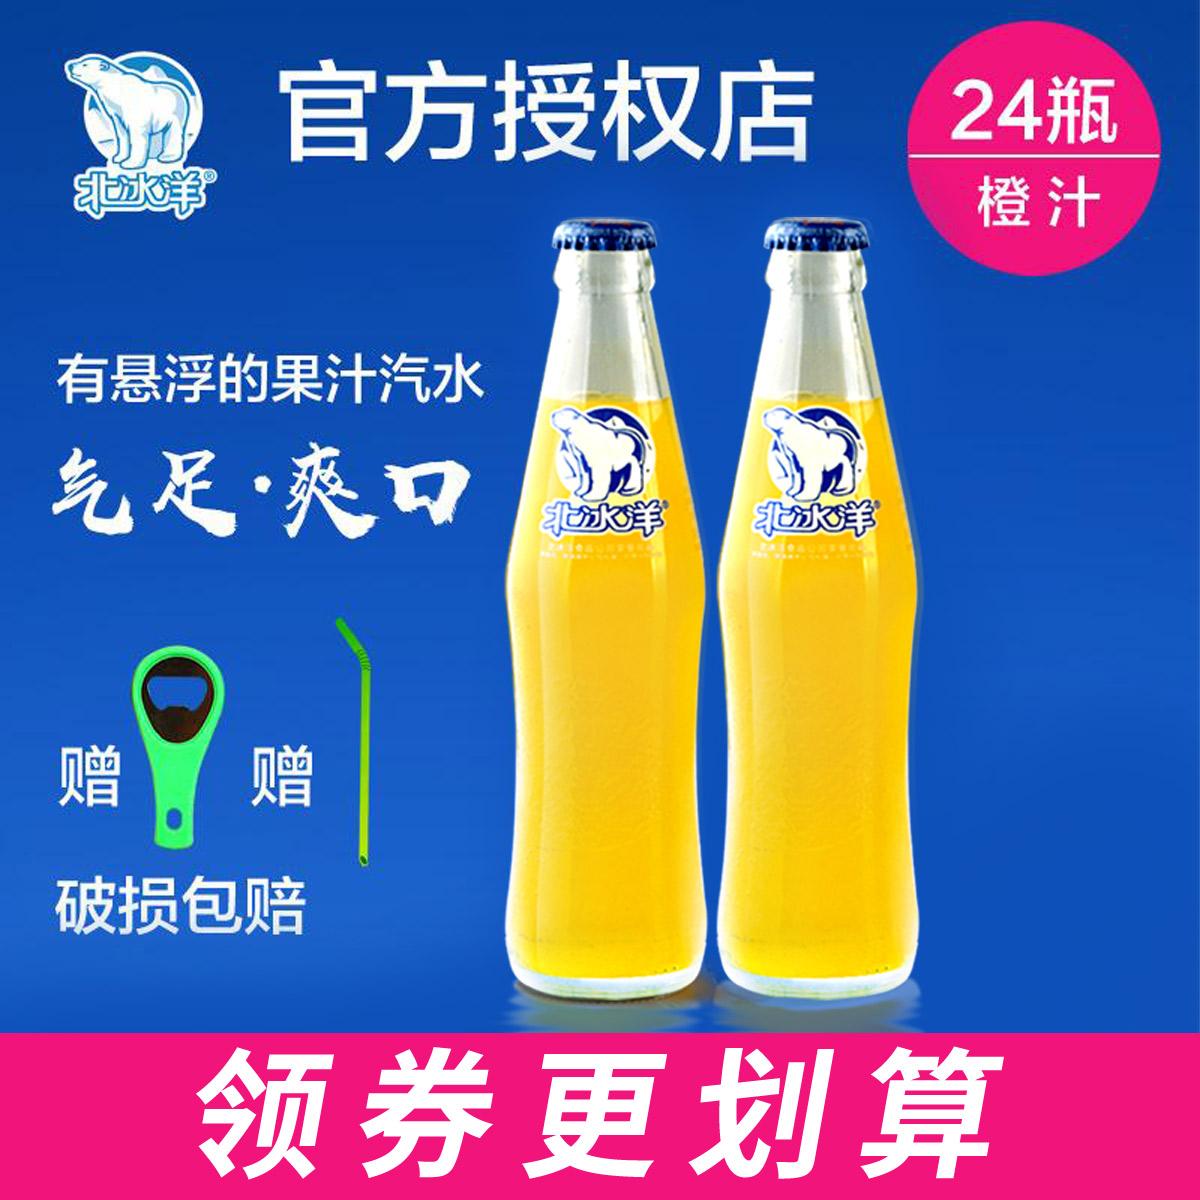 新日期夏季饮料 北冰洋汽水橙汁汽水24瓶老北京汽水送吸管开瓶器